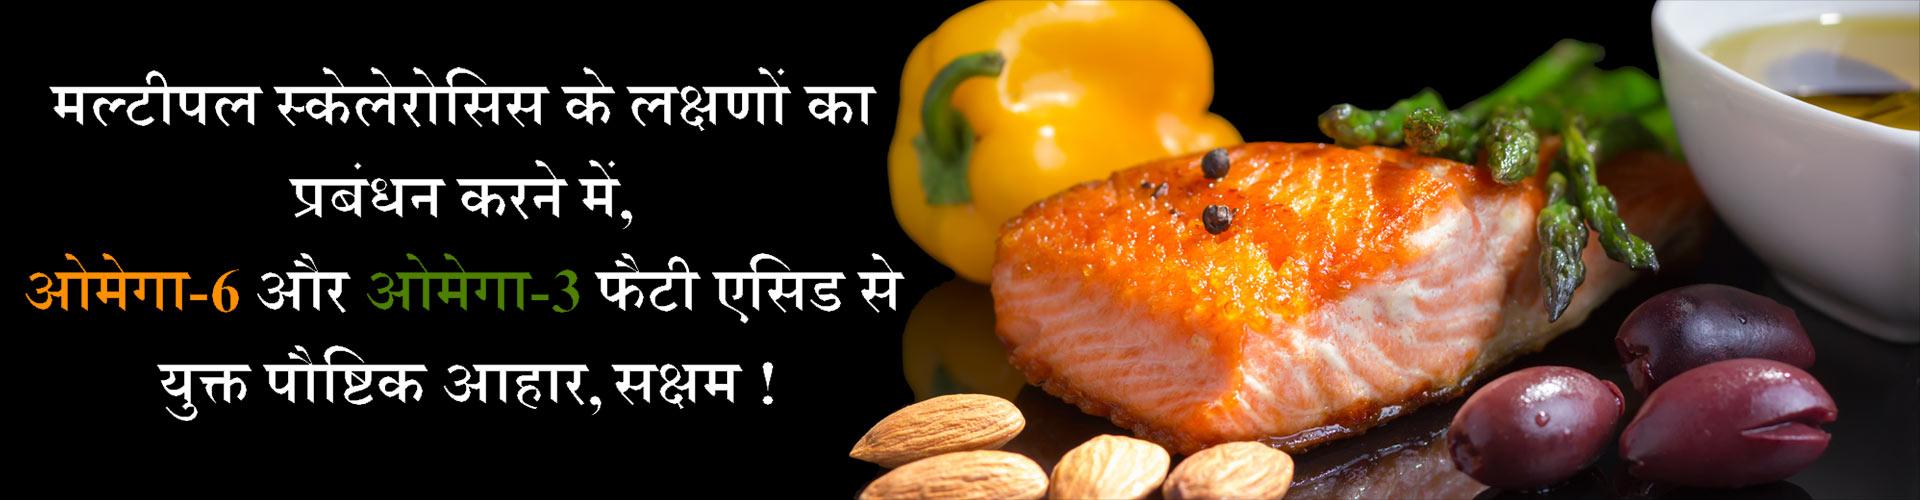 मल्टीपल स्केलेरोसिस के लक्षणों का प्रबंधन करने में,ओमेगा-6 और ओमेगा-3 फैटी एसिड से युक्त पौष्टिक आहार, सक्षम।